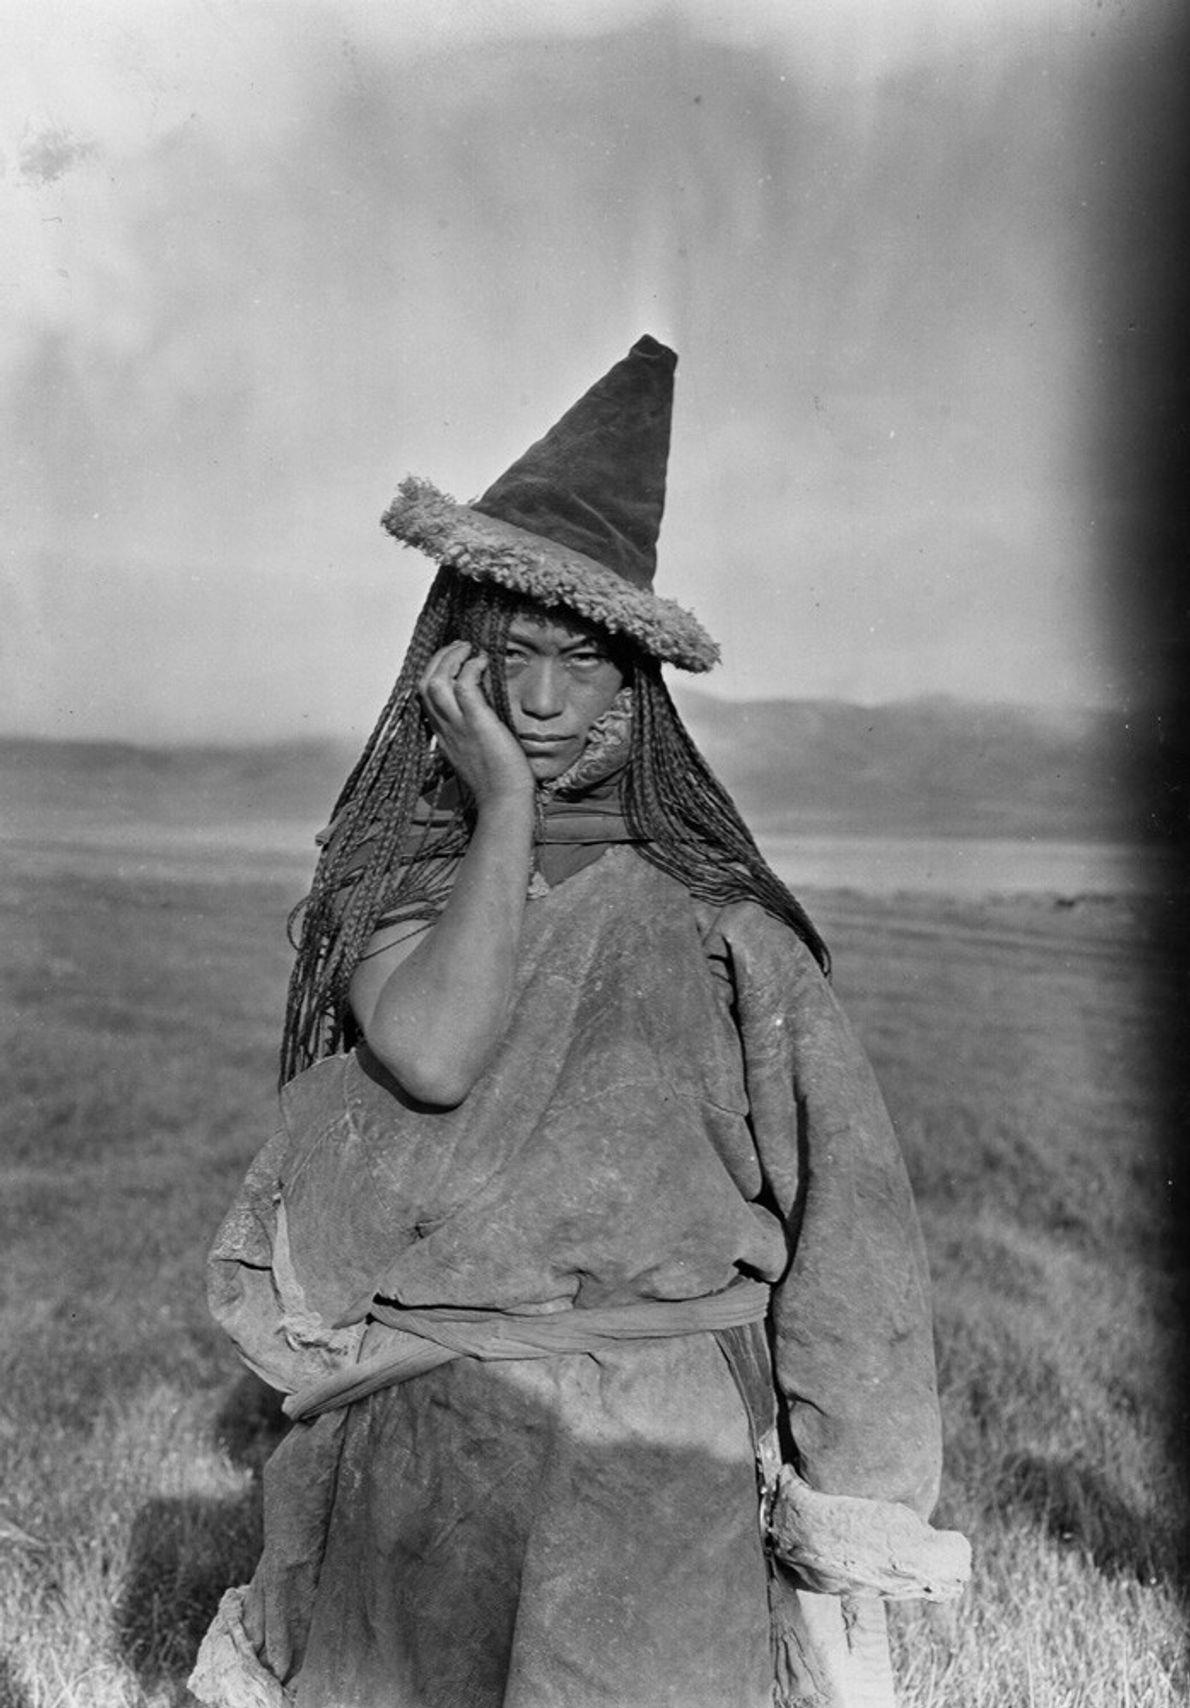 Una mujer nómada tibetana